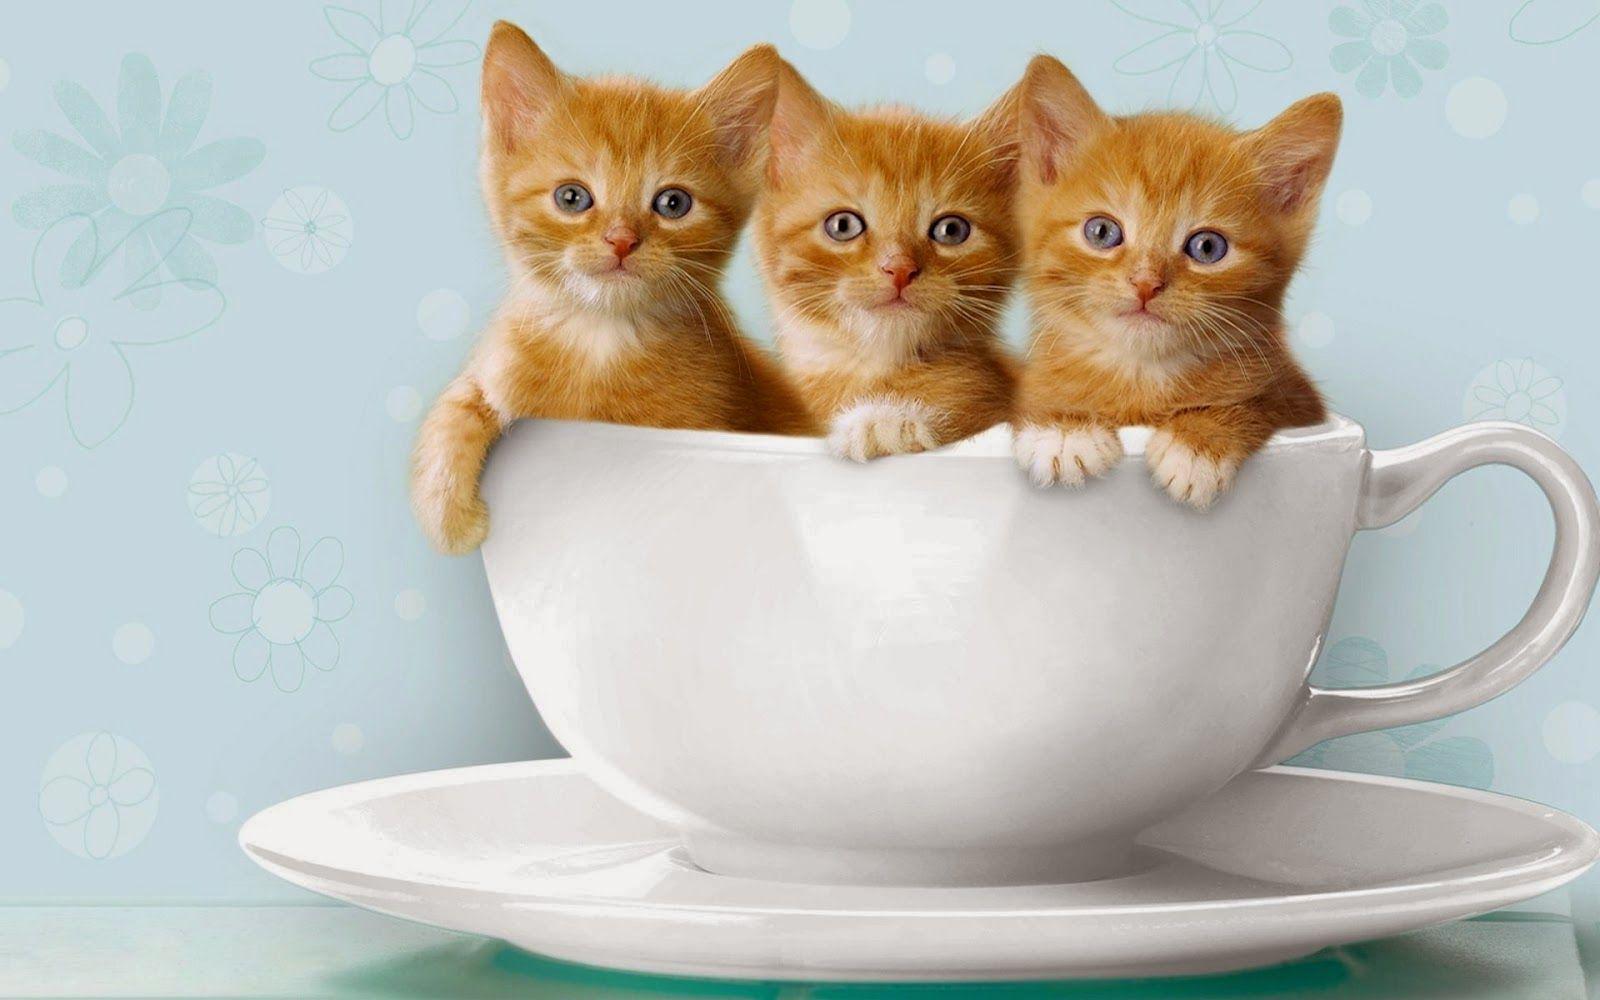 Download wallpaper Kucing Lucu6